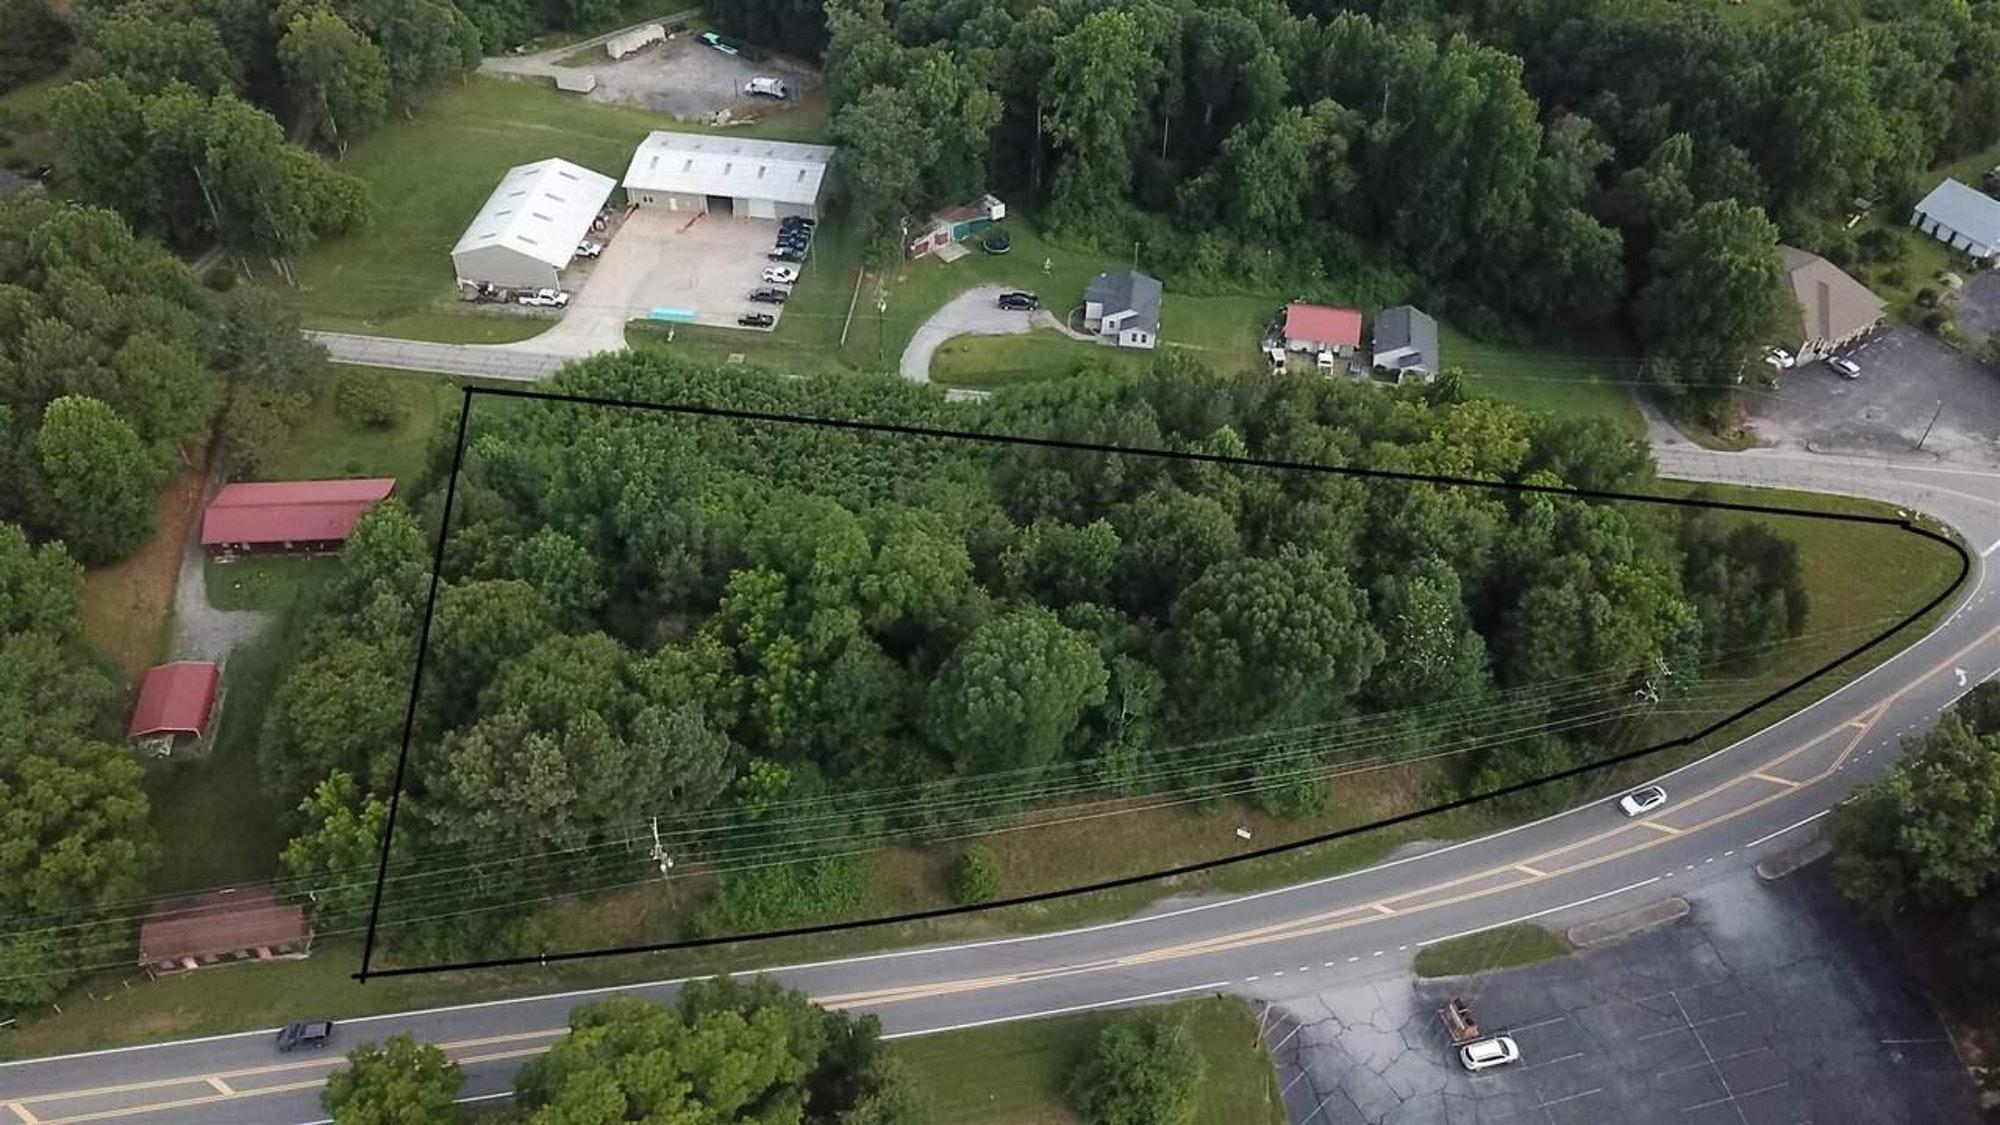 1029 Hist Highway 441, Demorest GA 30535